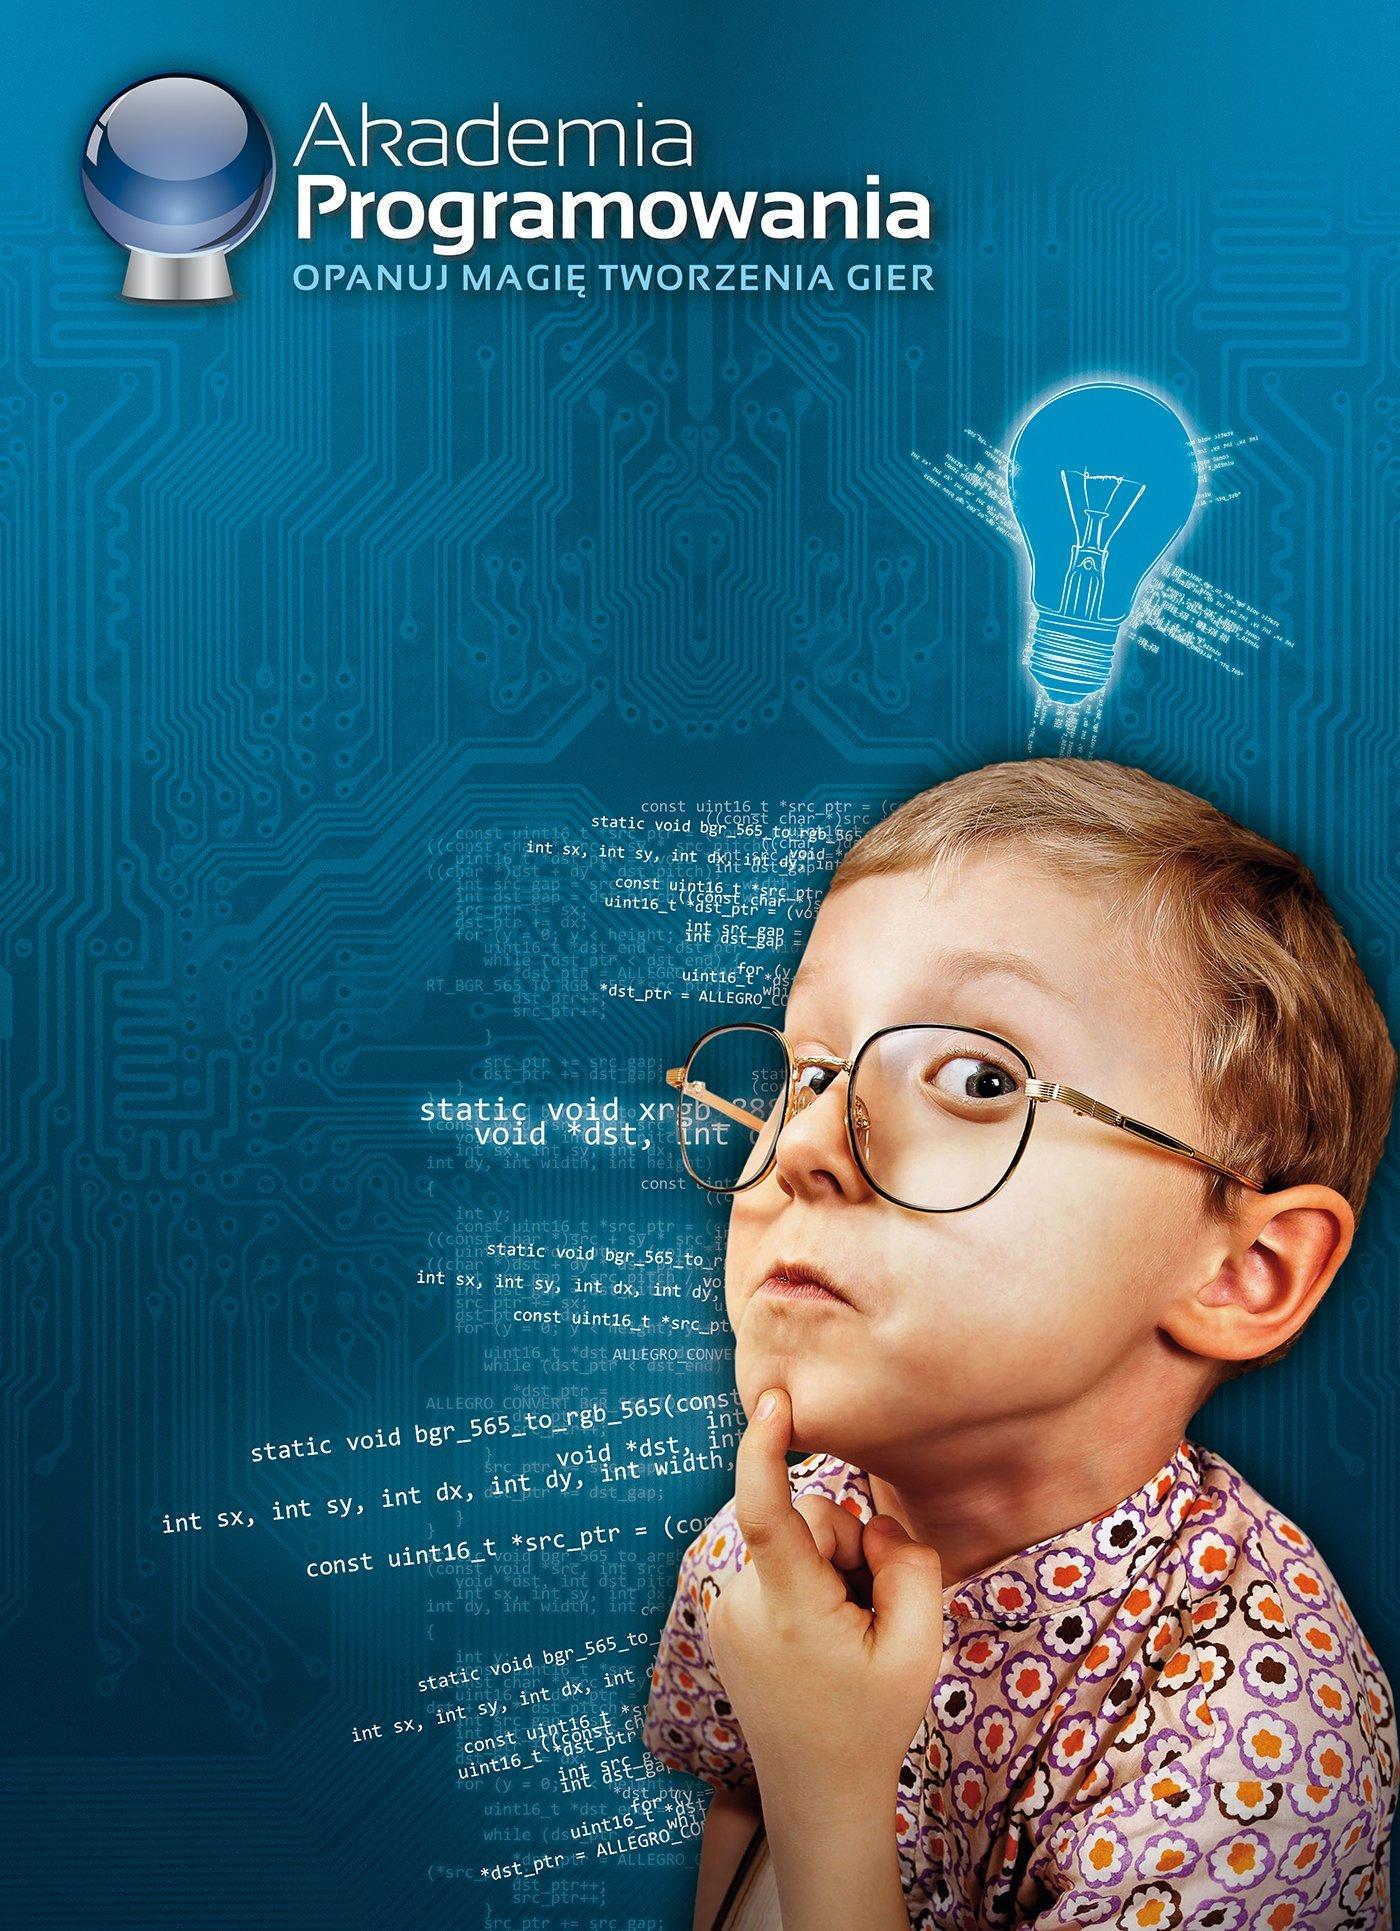 akademia programowania w krakowie